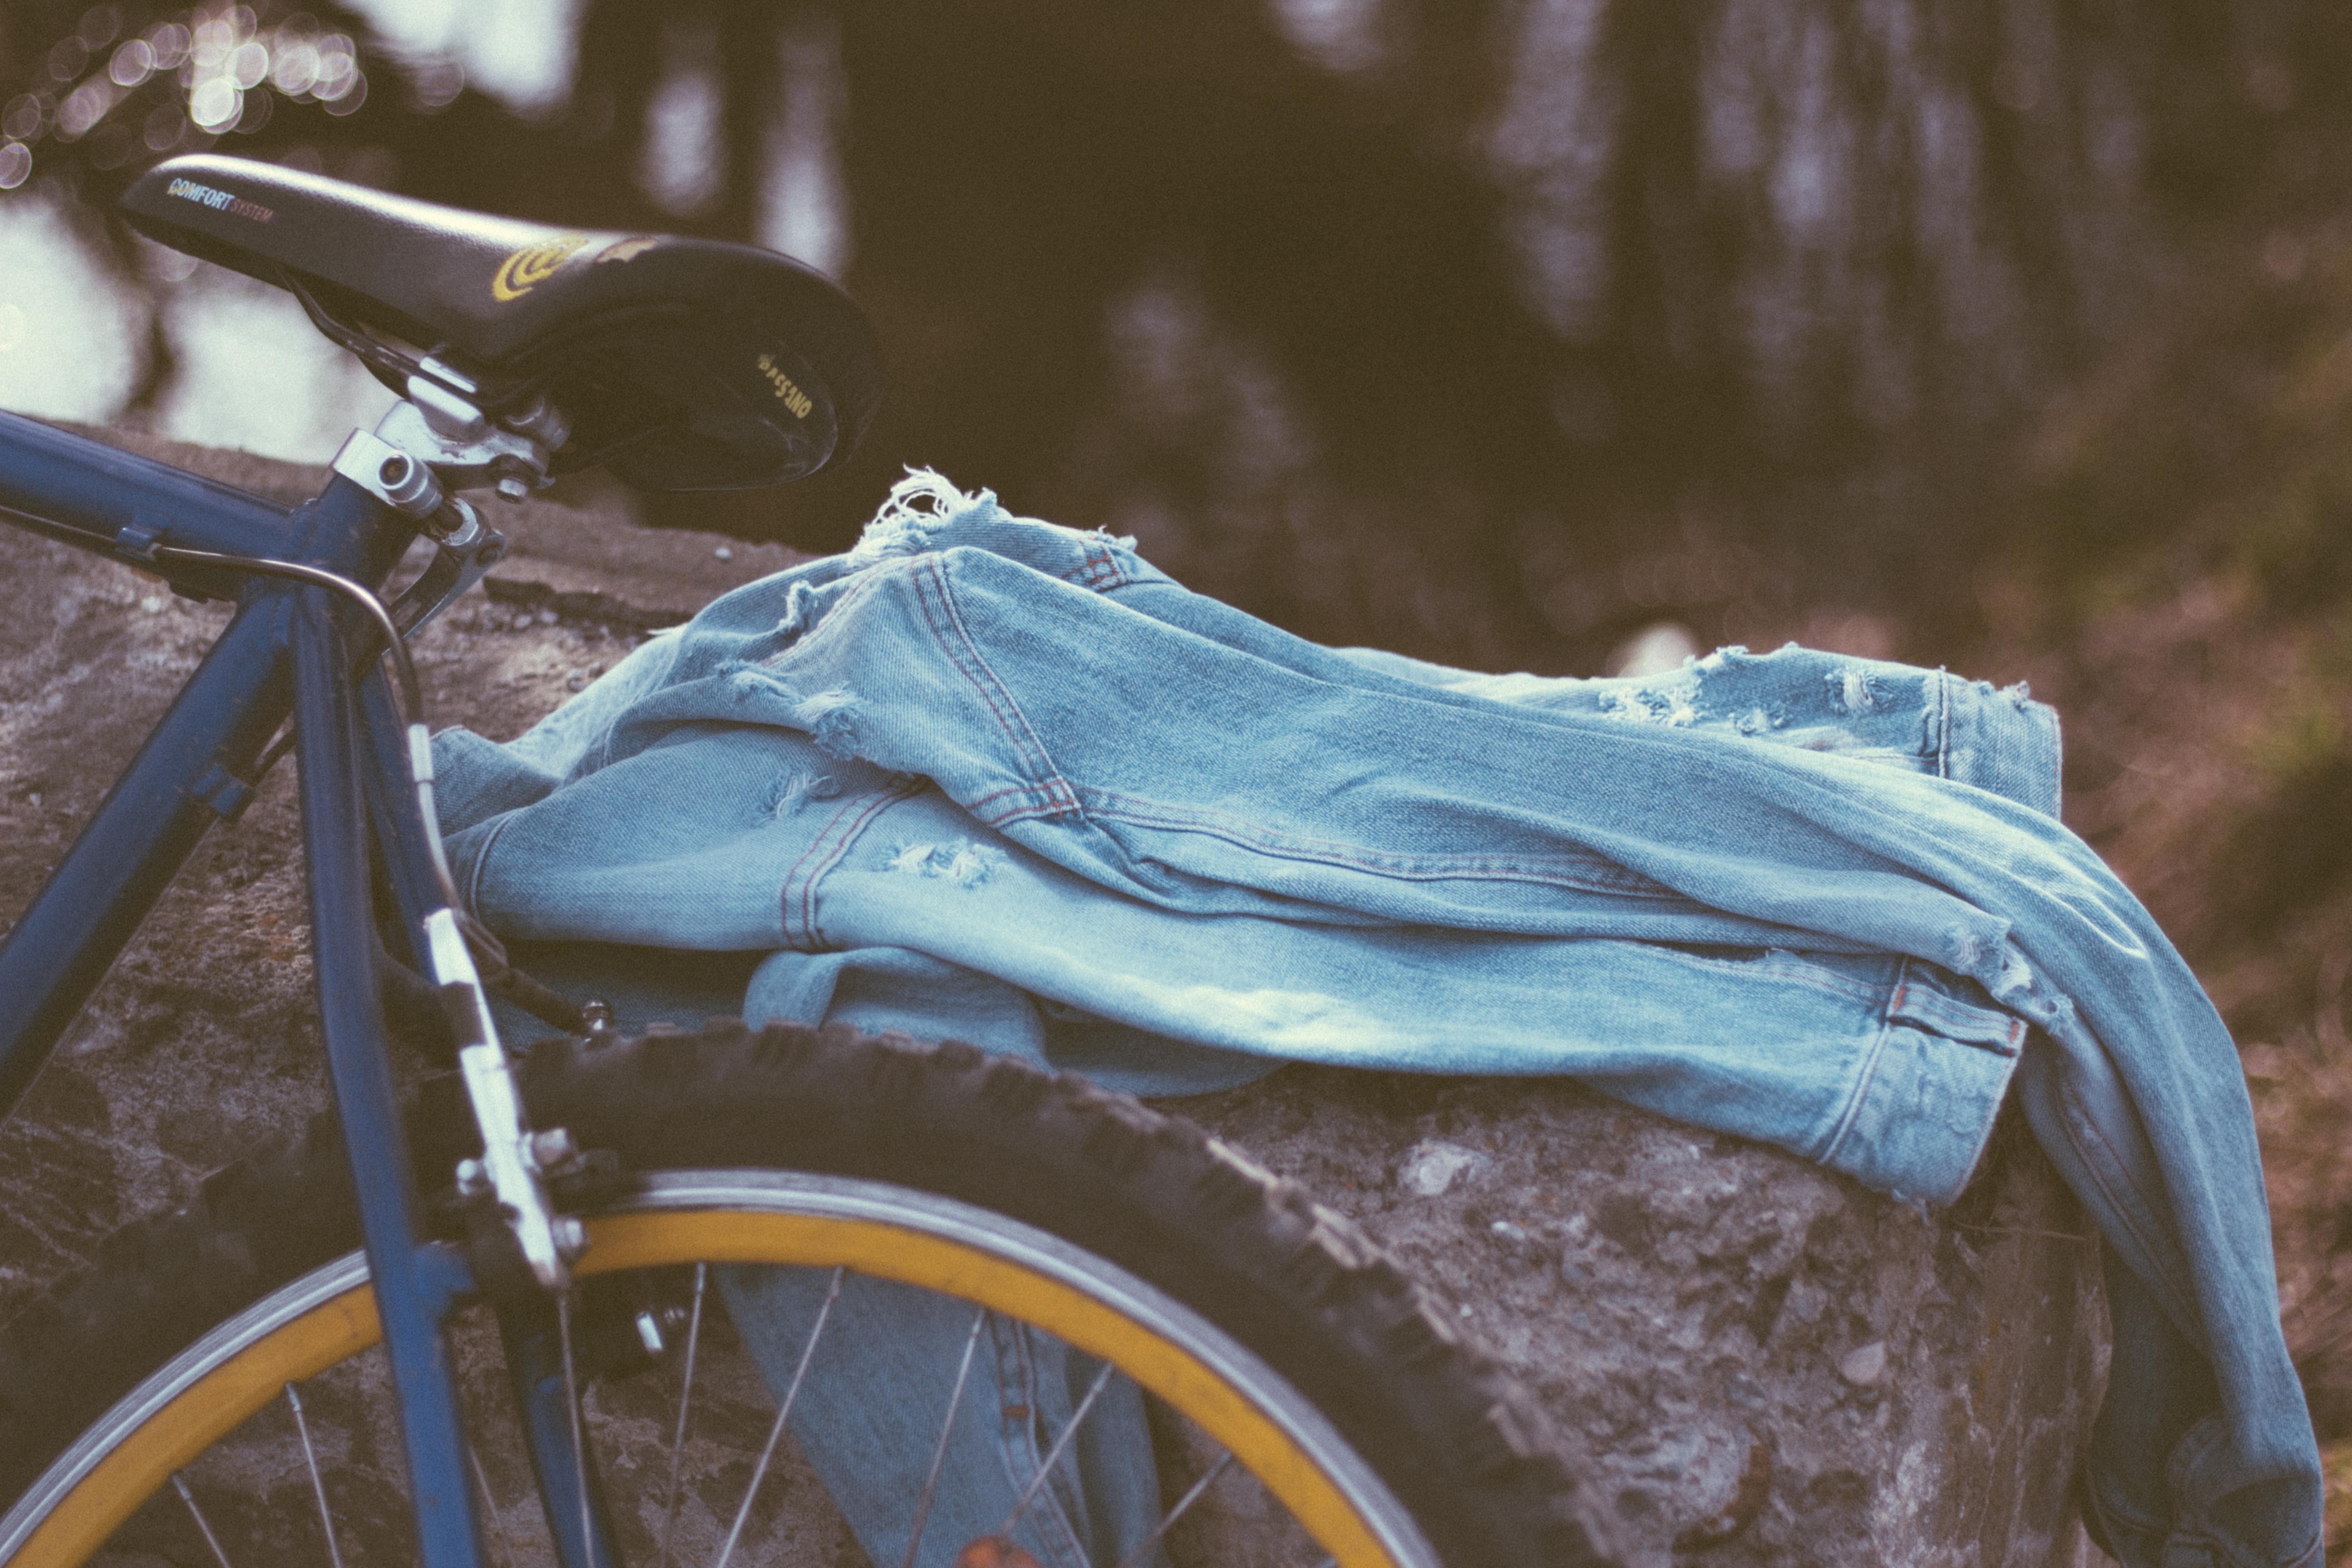 hình ảnh : Xe đạp, xe đạp, màu xanh da trời, áo khoác denim, Yên xe, Bị rách 5184x3456